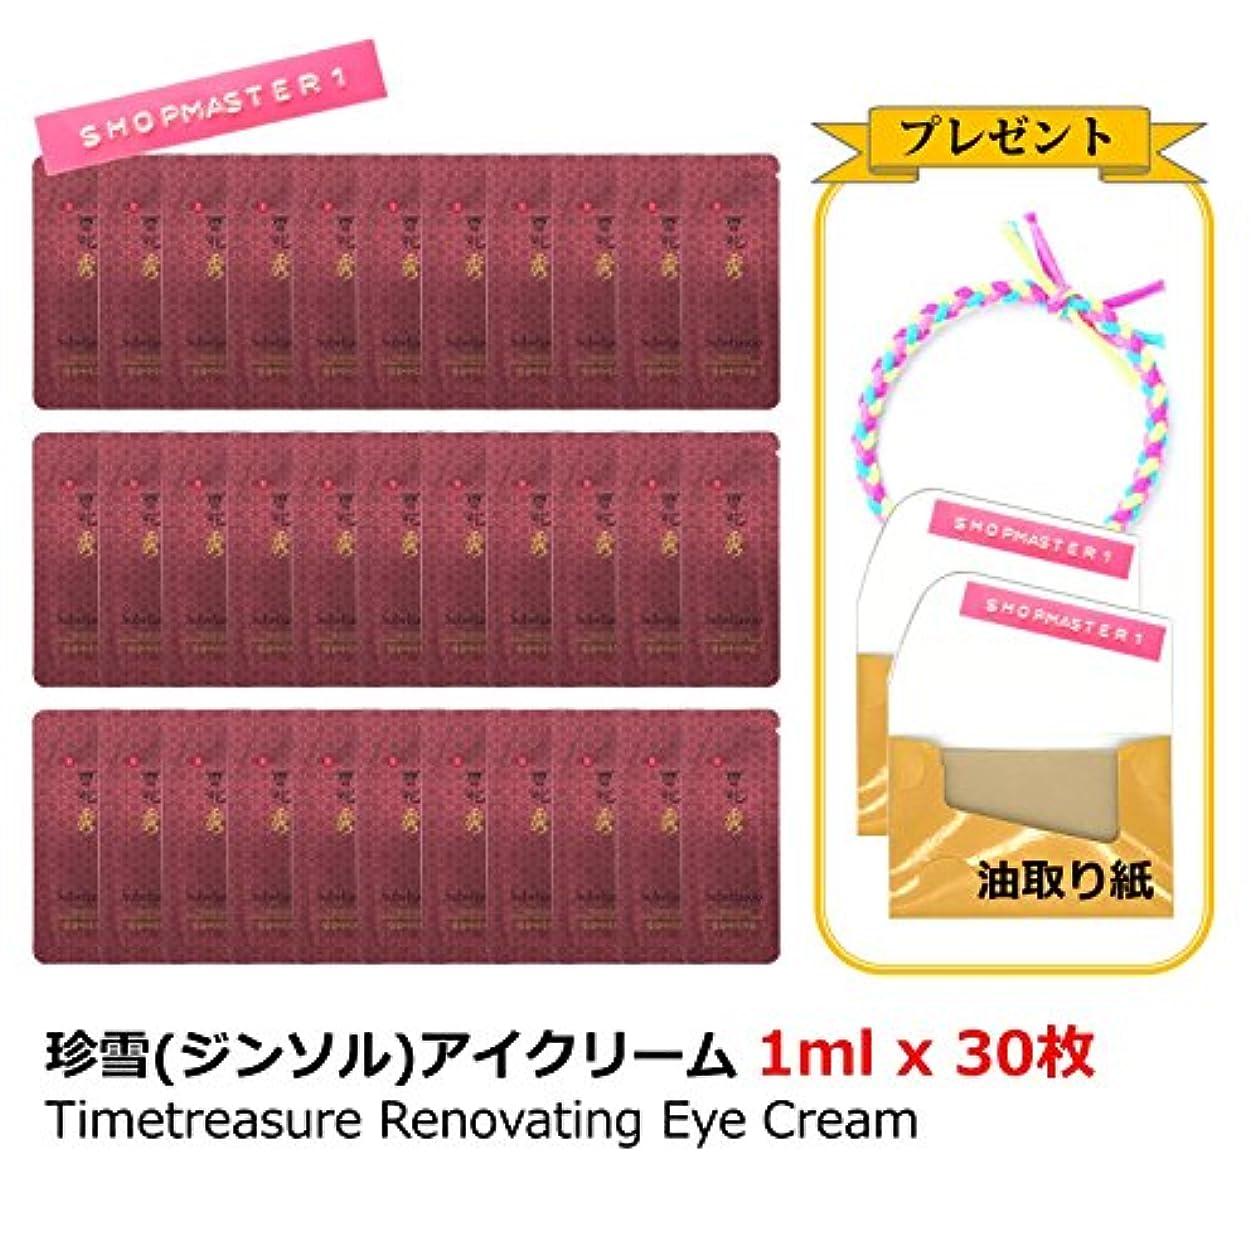 説教するそうでなければ押す【Sulwhasoo ソルファス】珍雪(ジンソル)アイクリーム 1ml x 30枚 Timetreasure Renovating Eye Cream / プレゼント 油取り紙 2個(25枚ずつ)、ヘアタイ / 海外直配送...